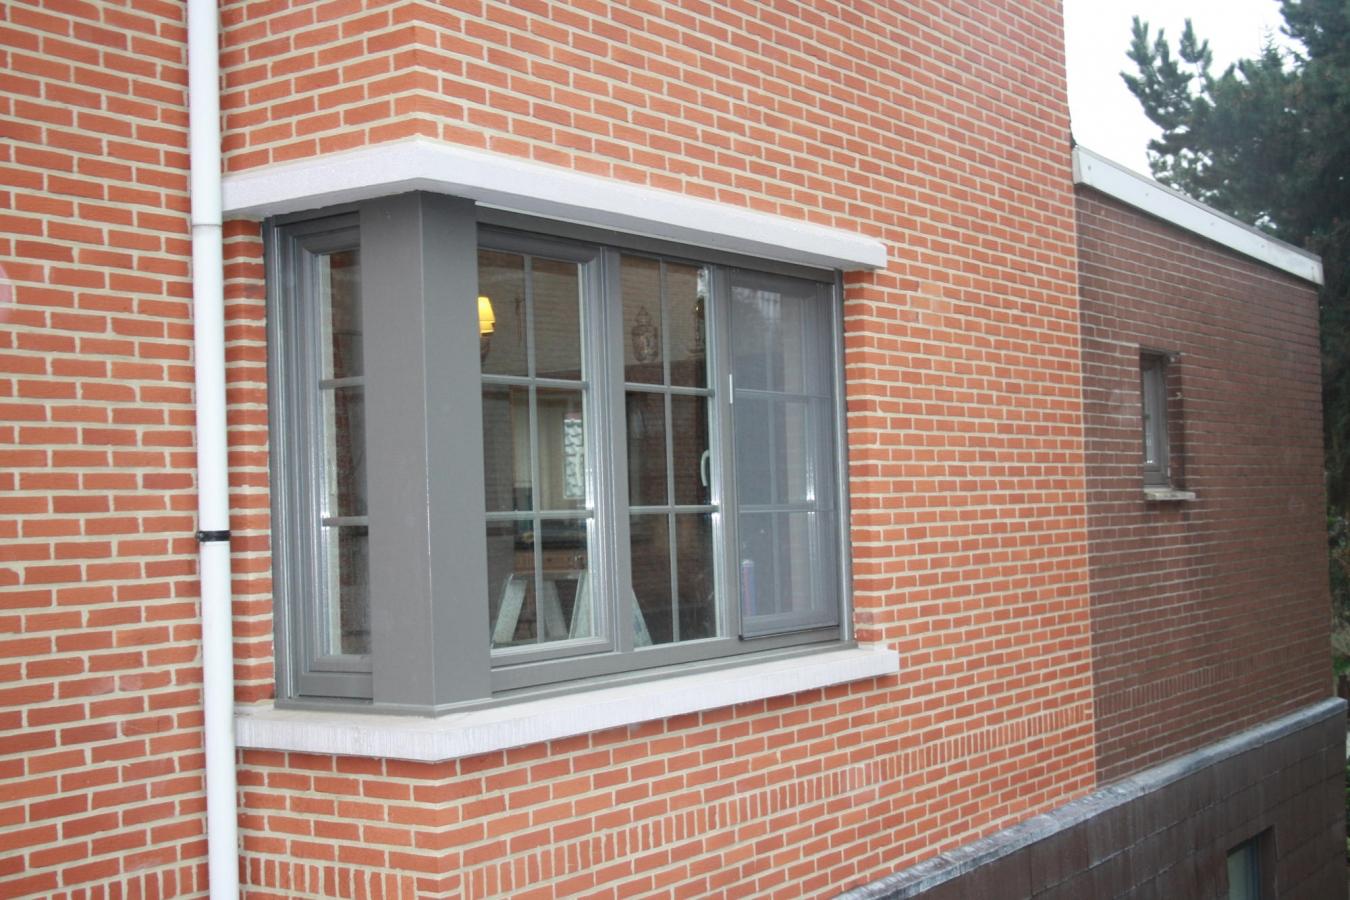 Keuken Renovatie Limburg : buitenschrijnwerk vervangen limburg